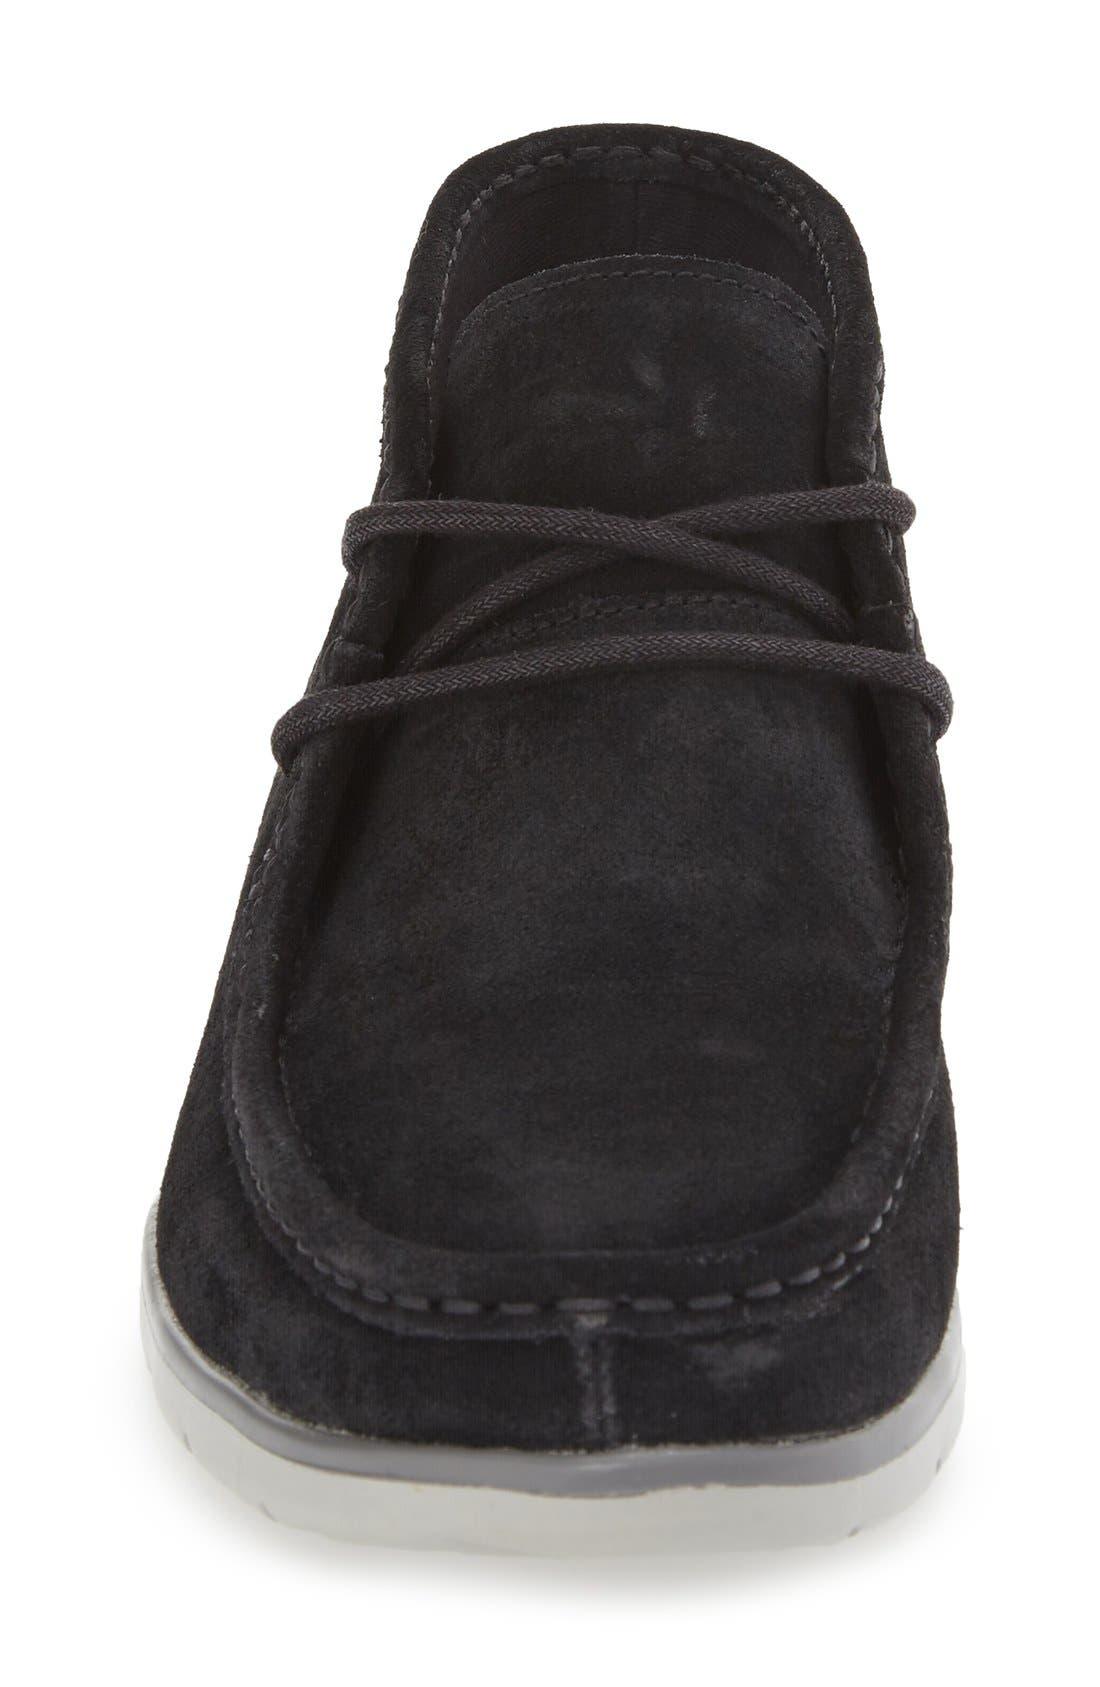 'Hendrickson' Chukka Boot,                             Alternate thumbnail 3, color,                             001